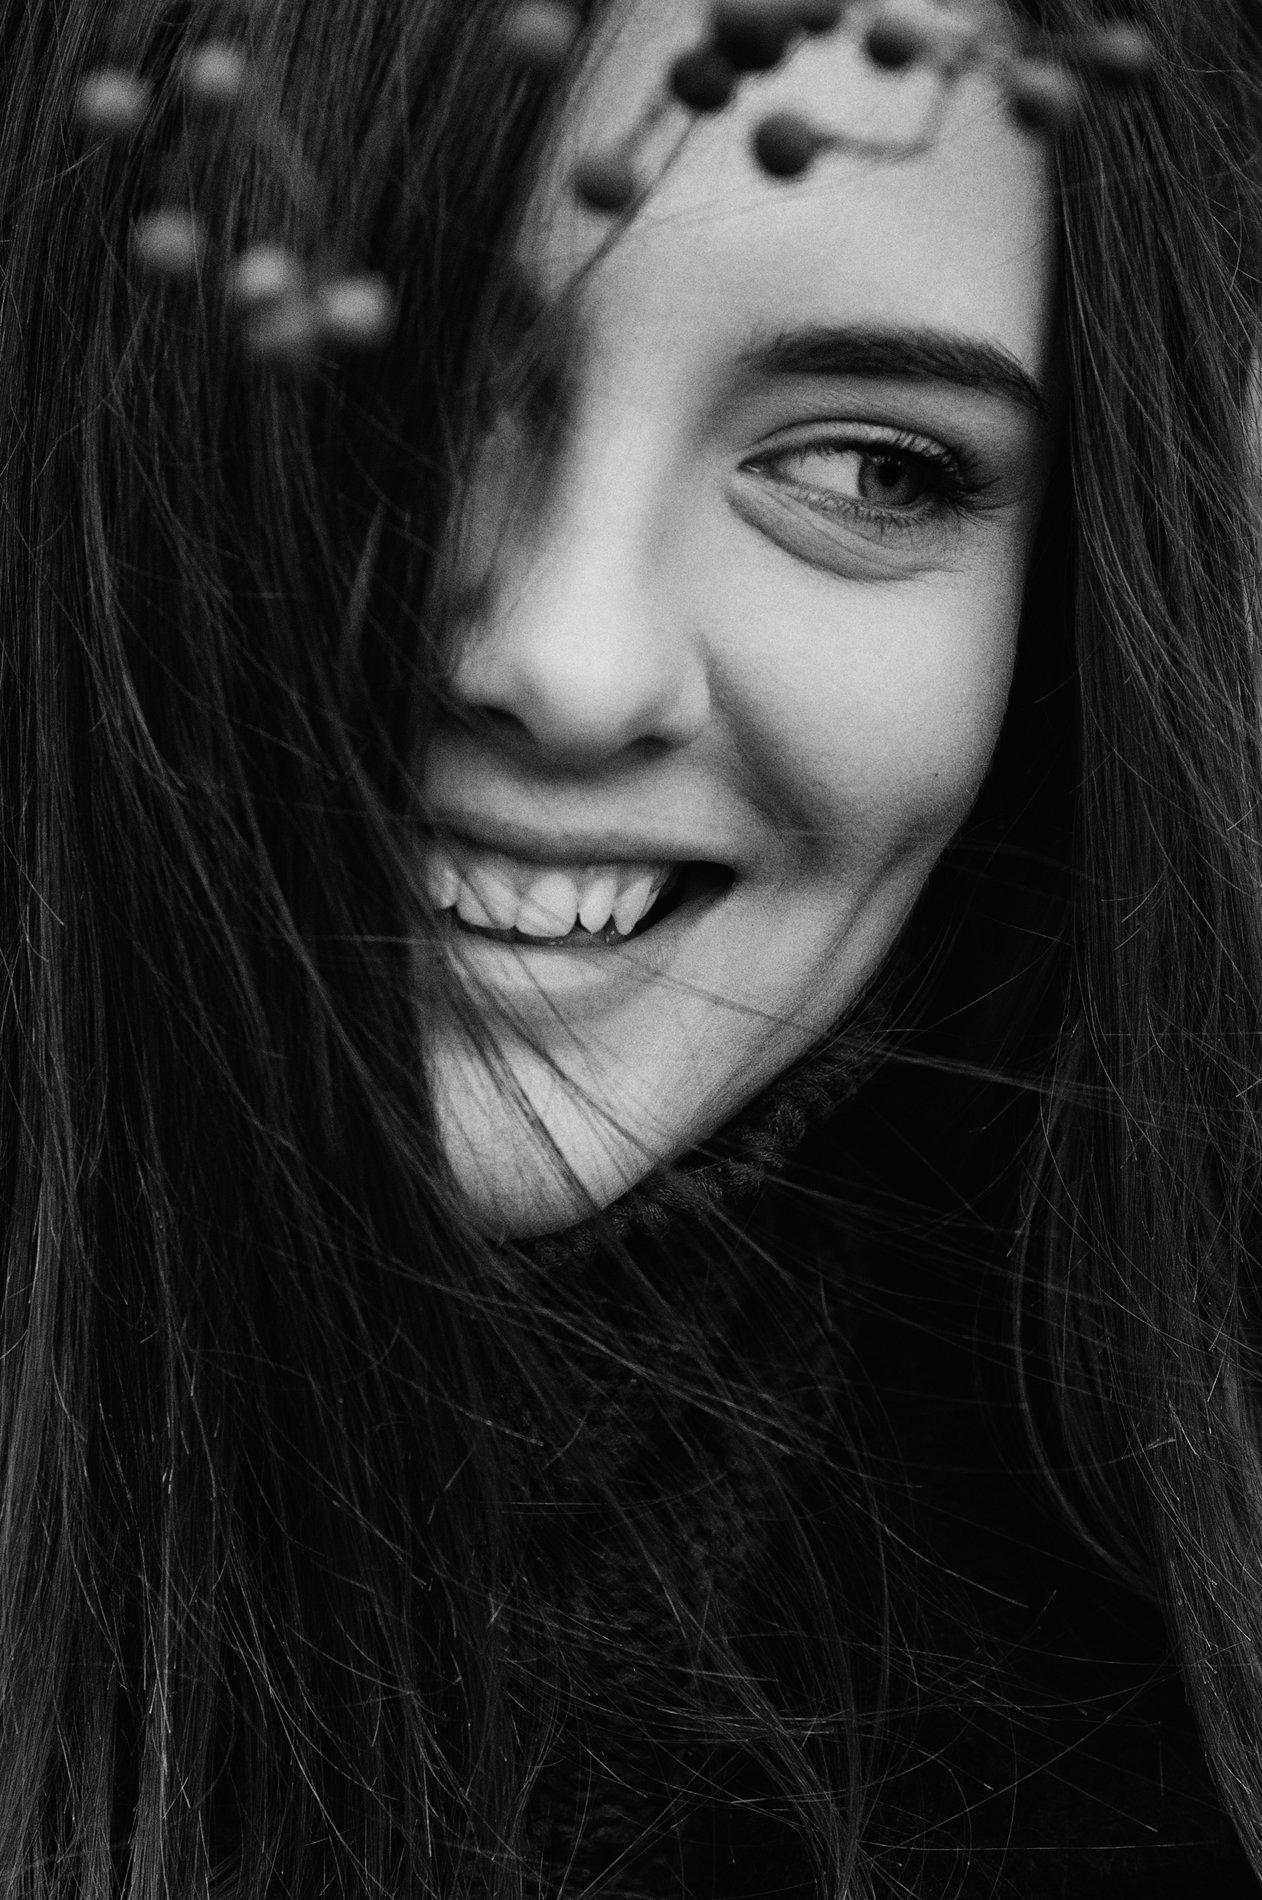 глаза, девушка, крупный план, портрет, портрет девушки, улыбка, чб, чб портрет, черно-белое, черно-белое фото, уличная фотография, Фран Полонский